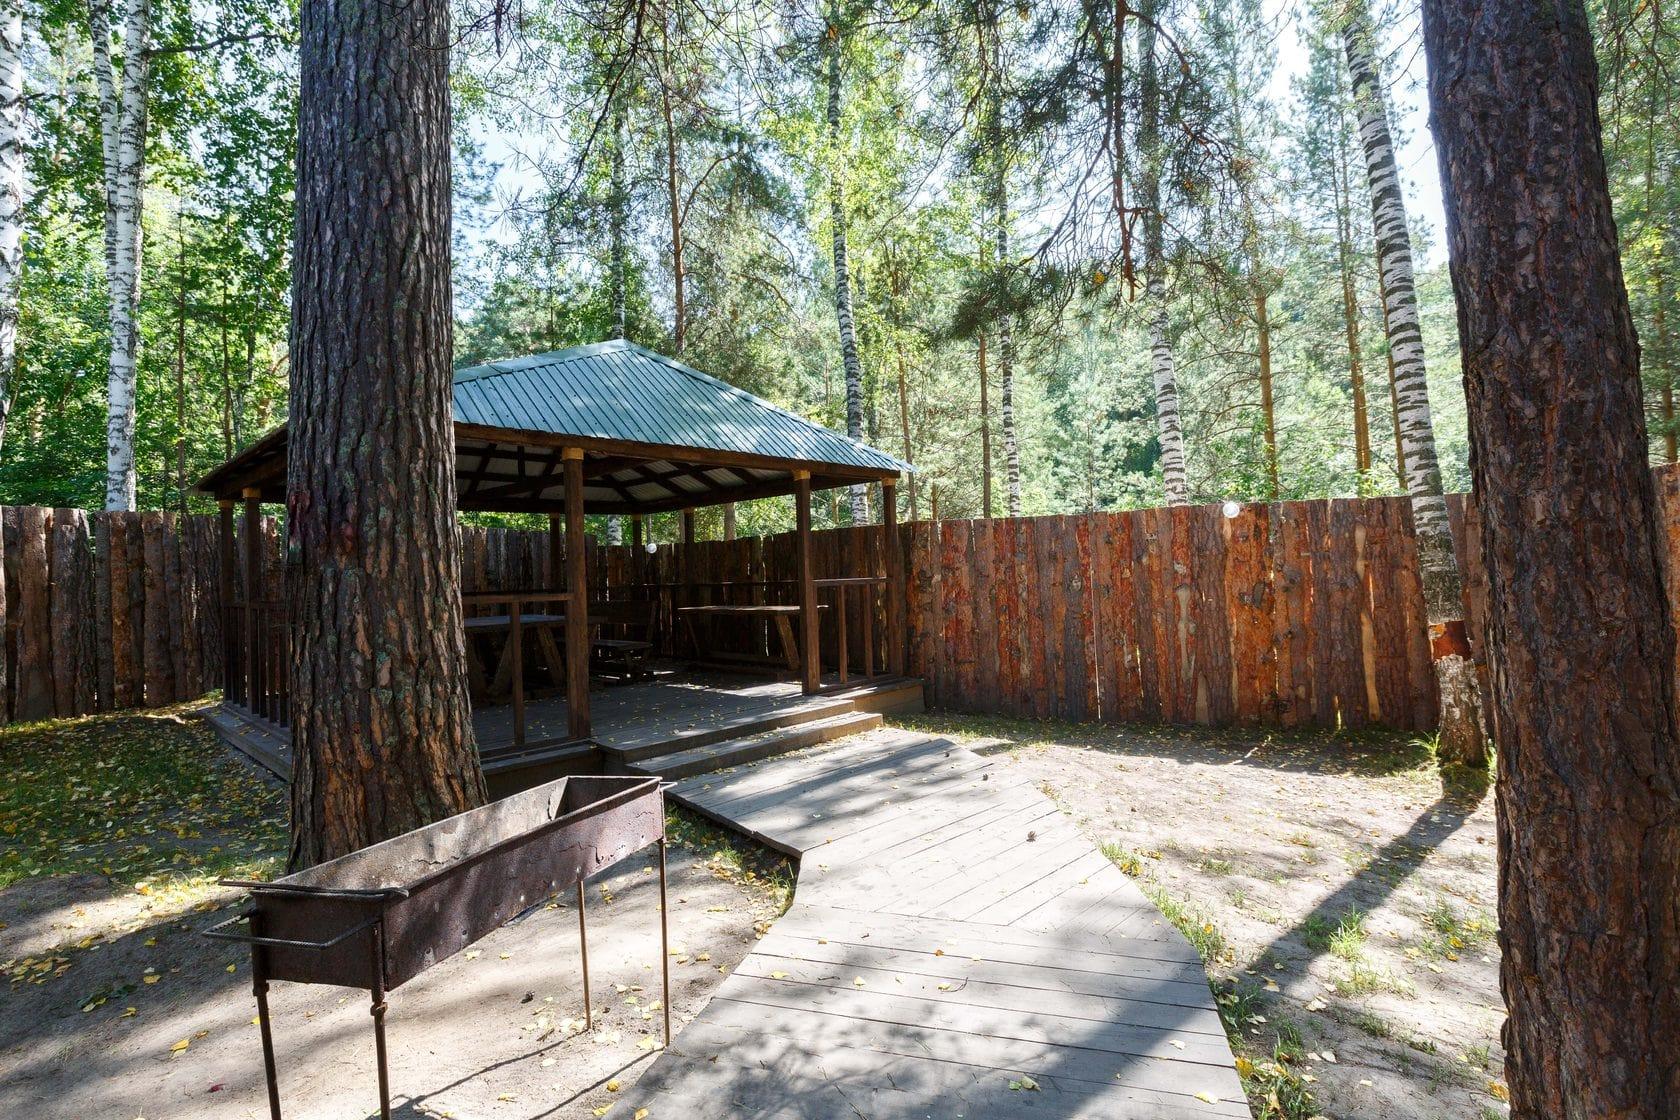 Деревянные беседки — 700 руб/час + доплата 150 р за каждого посетителя беседки, либо 3000 рублей при аренде беседки на 5 часов